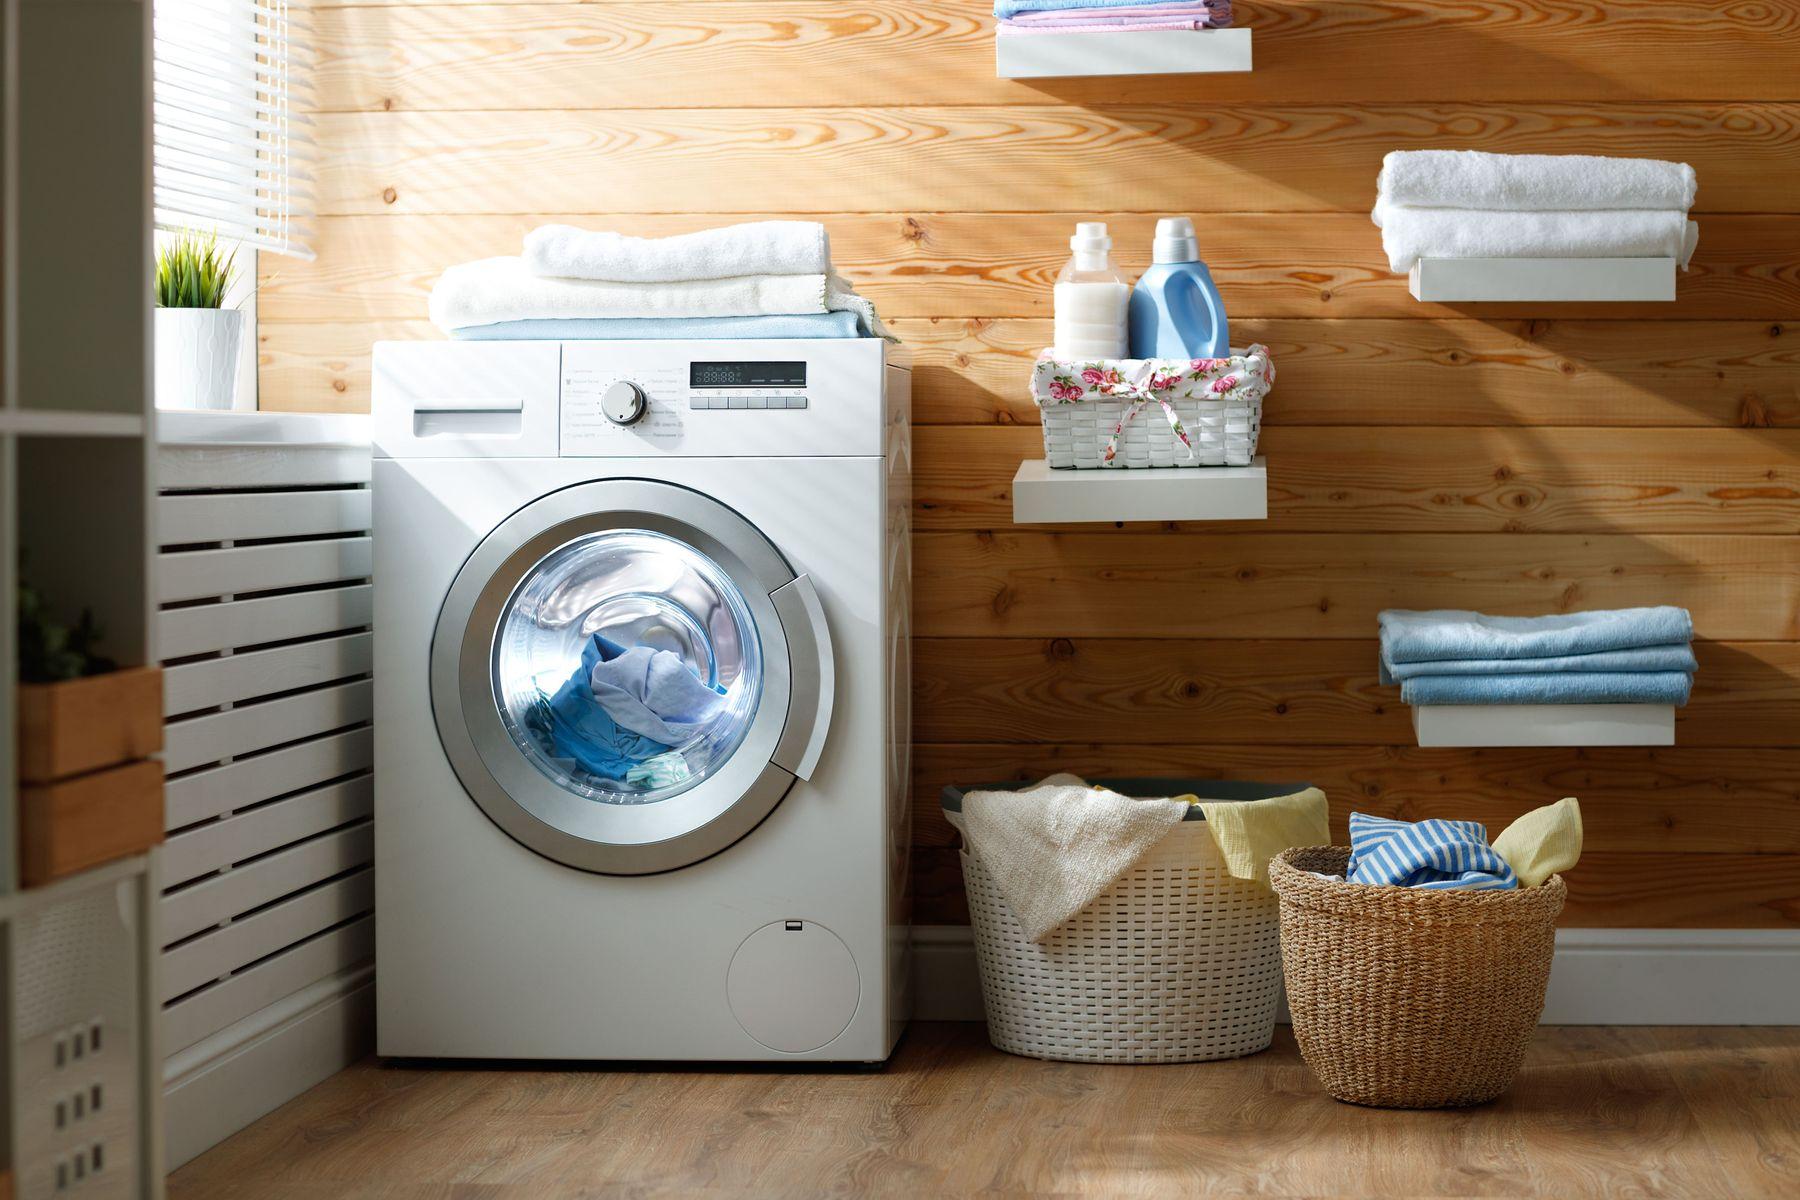 Máy giặt cửa trên với cửa trước - có dùng chung 1 loại nước xả?